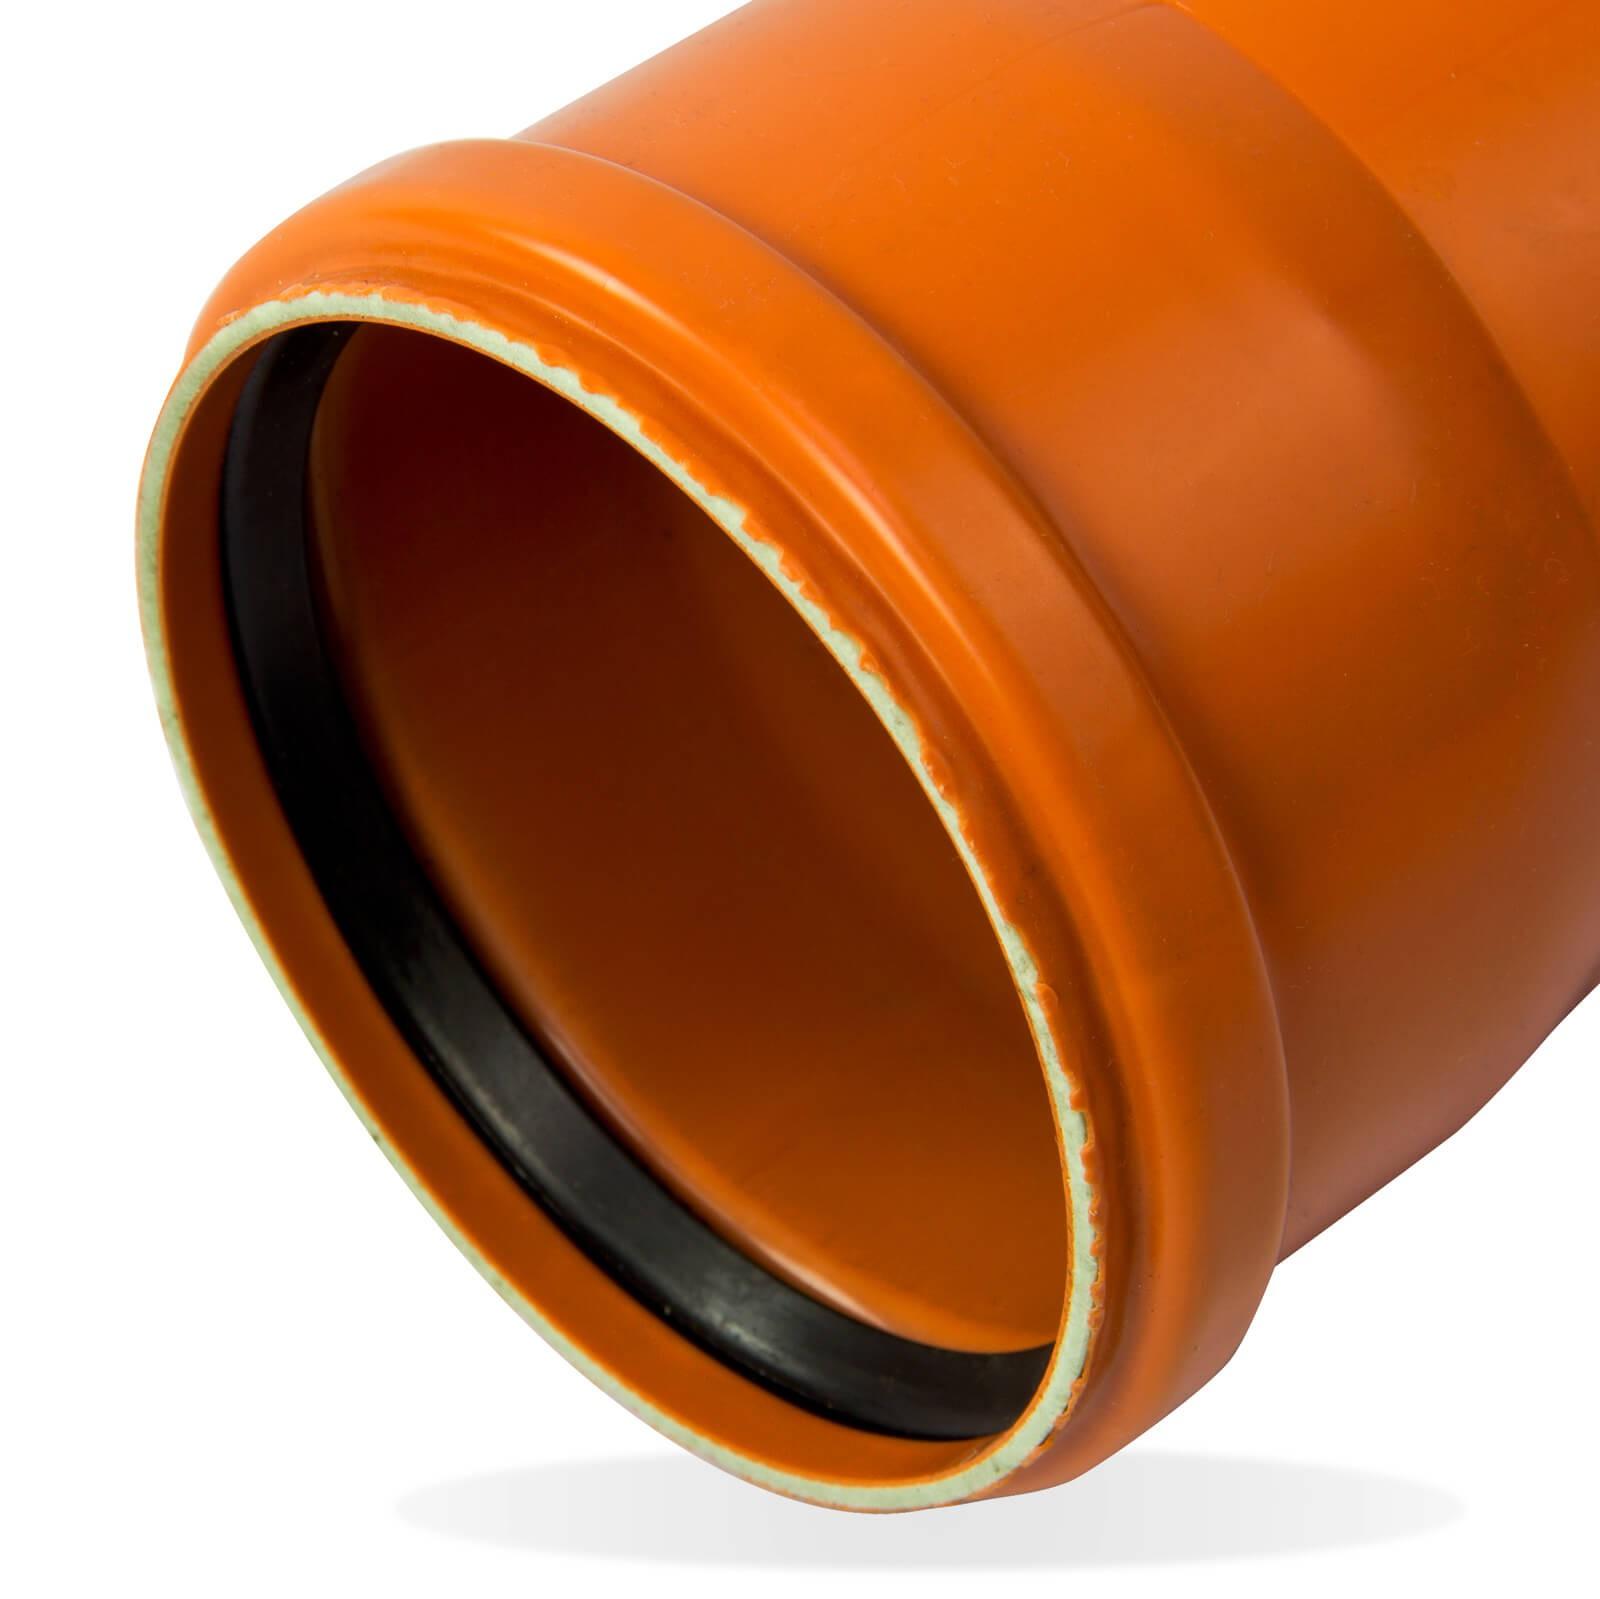 9x kg rohr dn 315 2000 mm abwasserrohr 300 mm kanalrohr orange. Black Bedroom Furniture Sets. Home Design Ideas